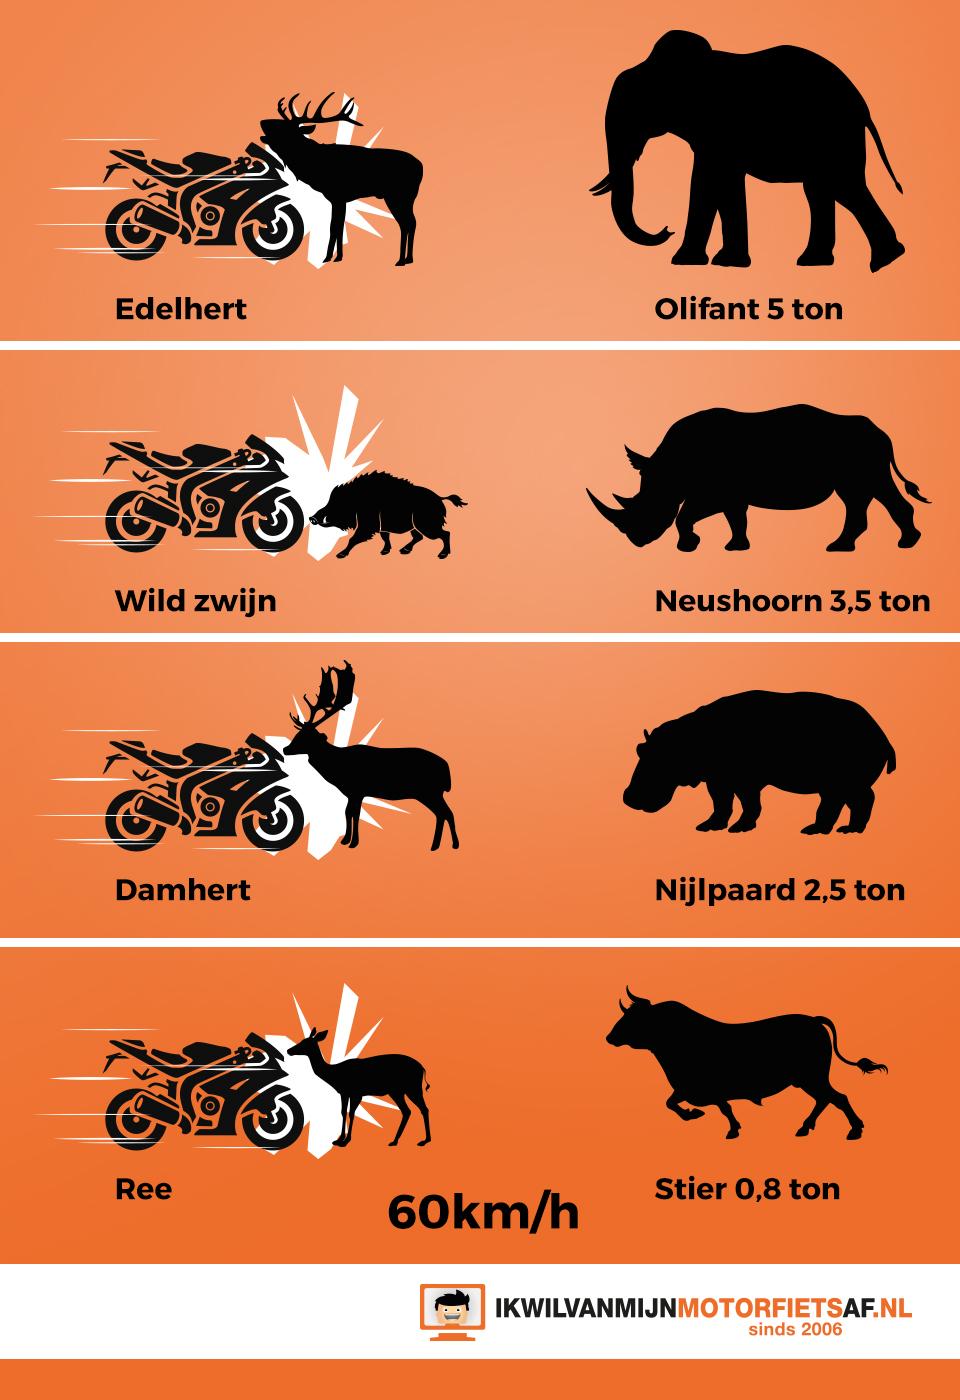 wildaanrijding